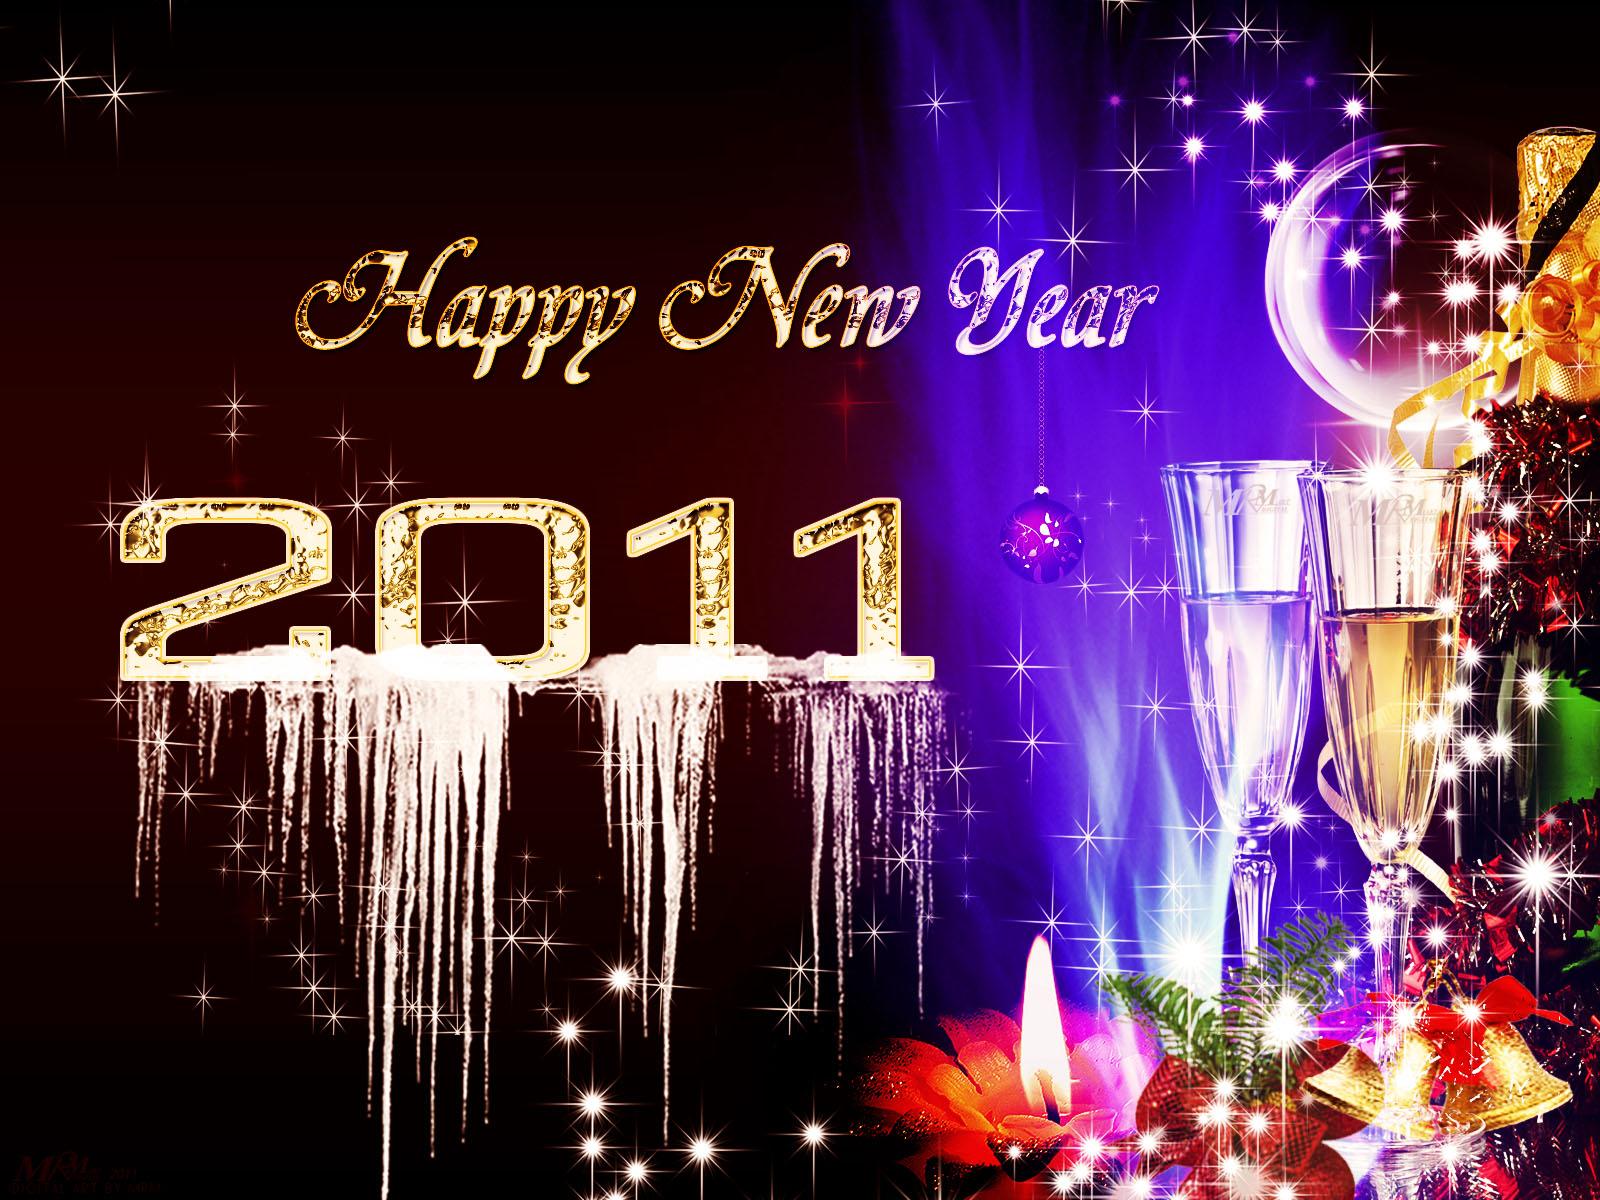 Καλή Πρωτοχρονιά New+year+2011+%25289%2529